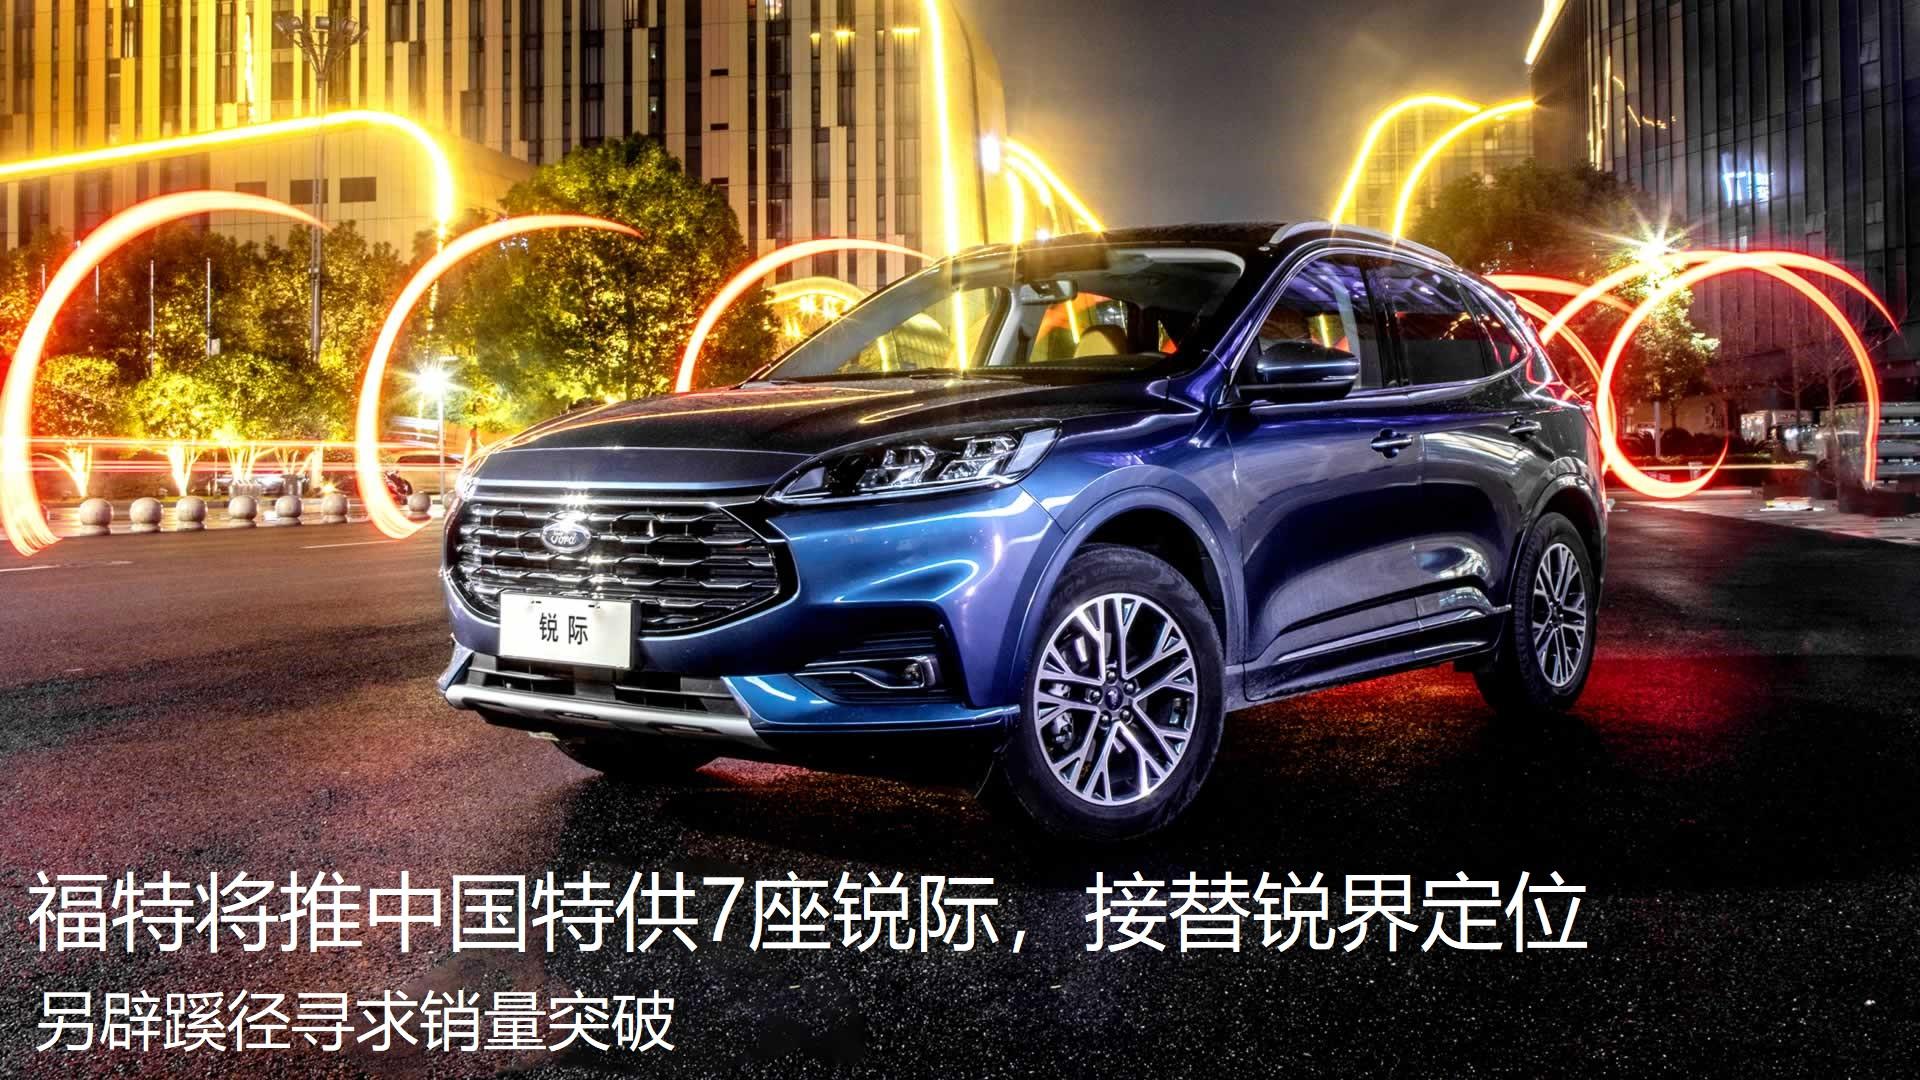 福特将推中国特供7座锐际,接替锐界定位